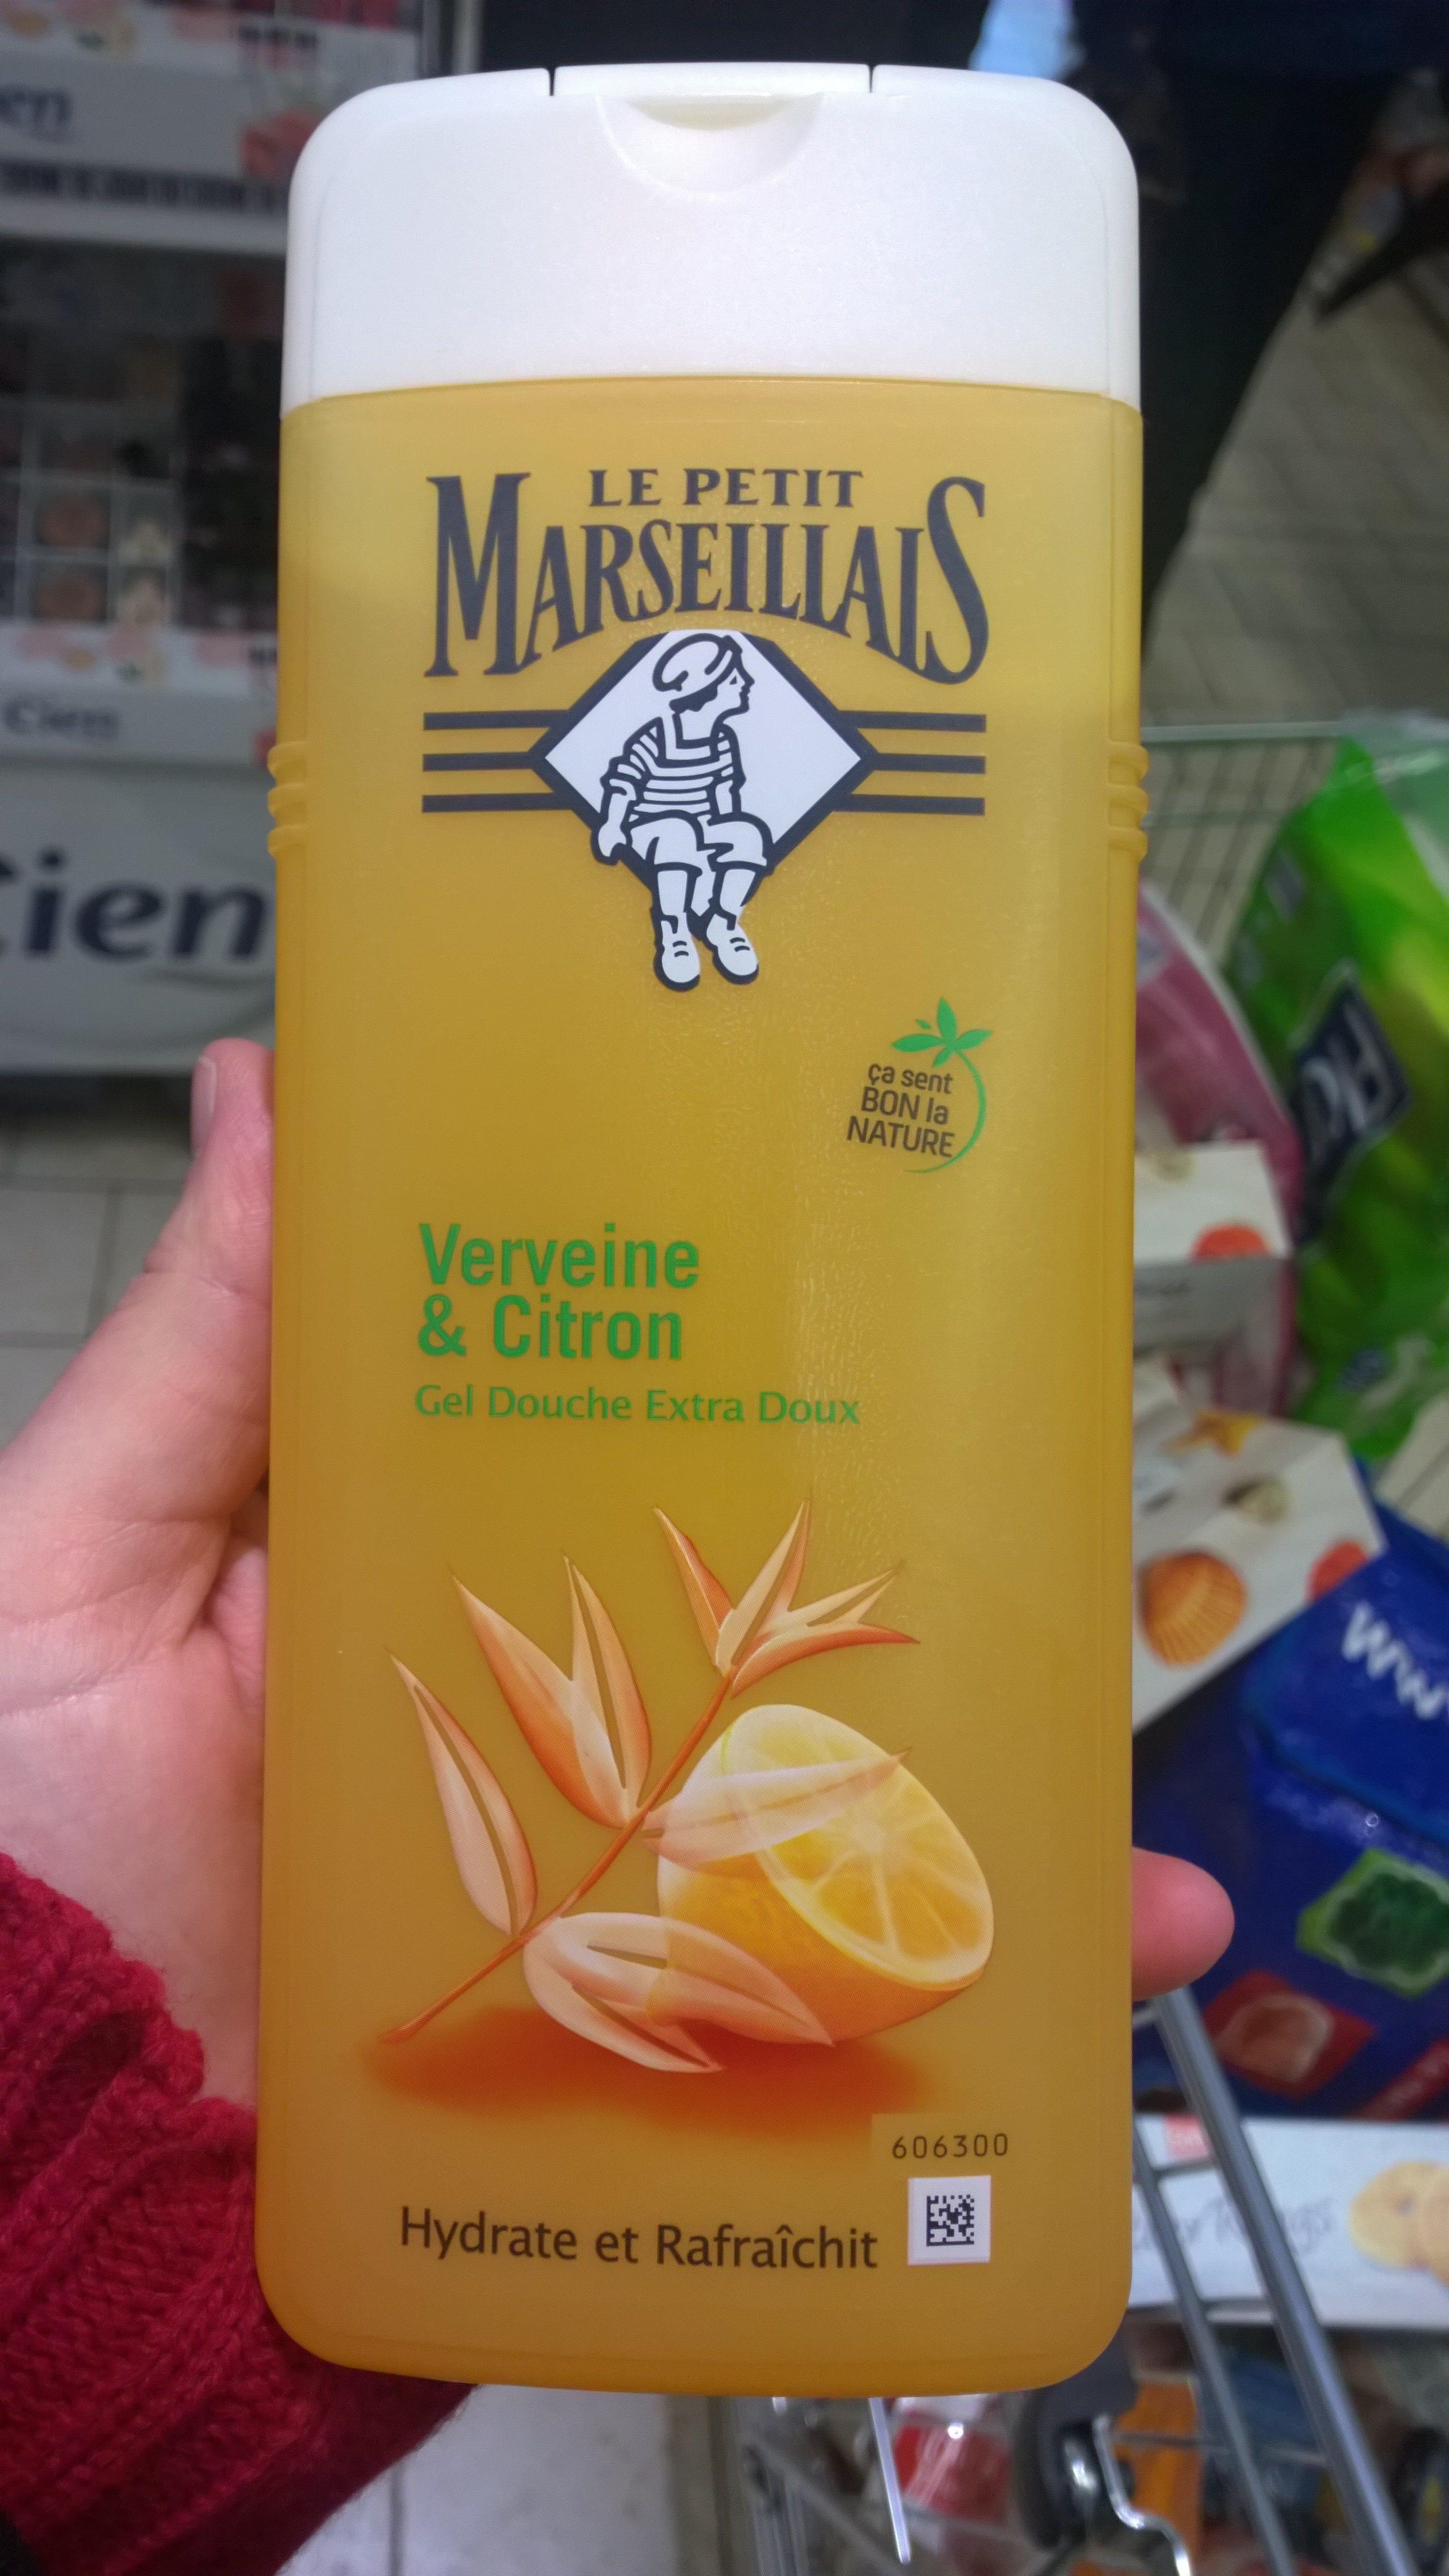 Verveine et citron - gel douche extra doux - Product - fr